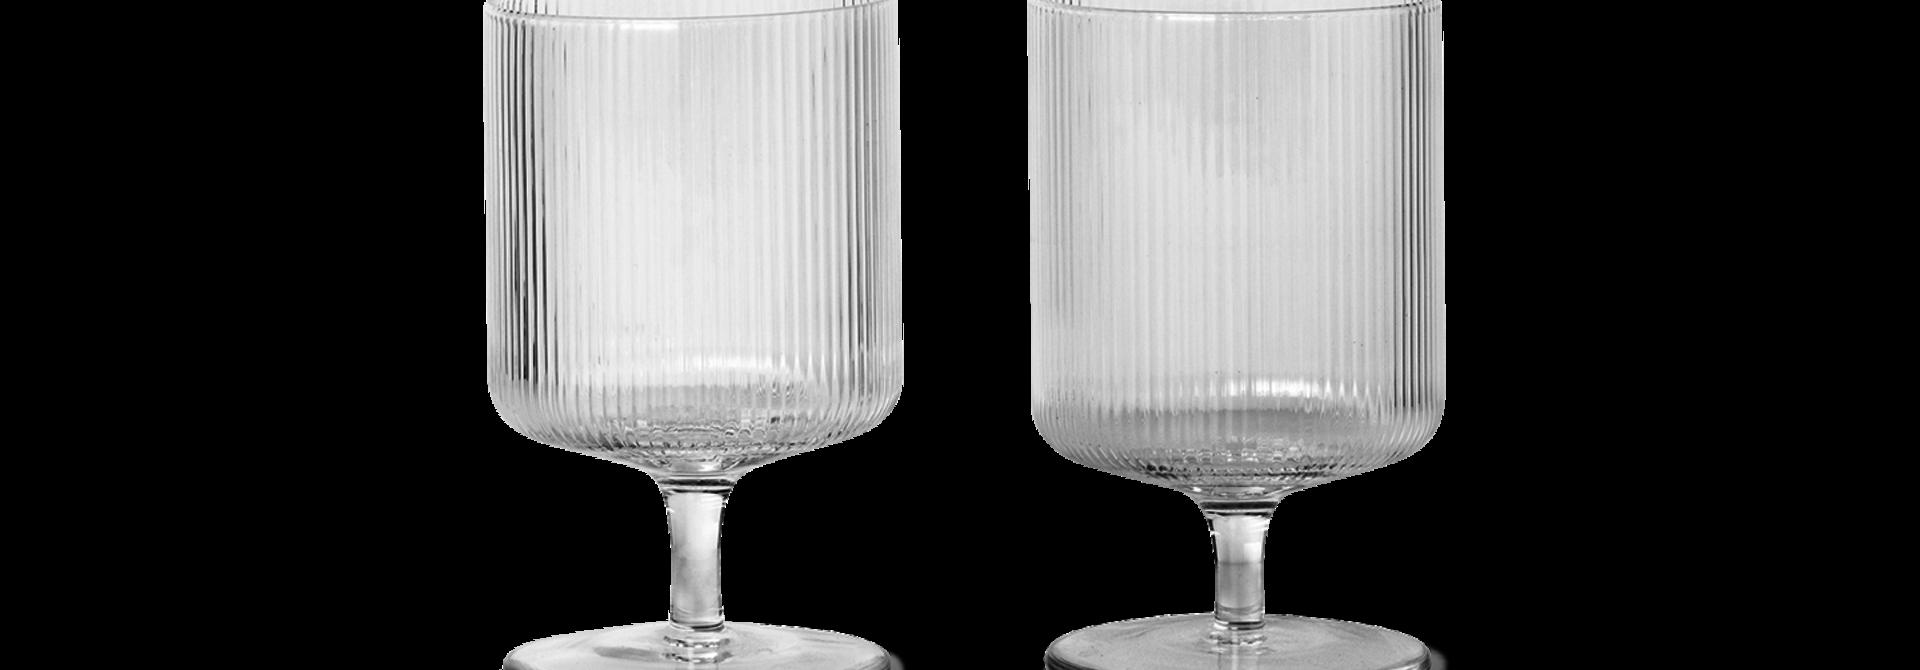 Ripple Wine Glasses (Set of 2)